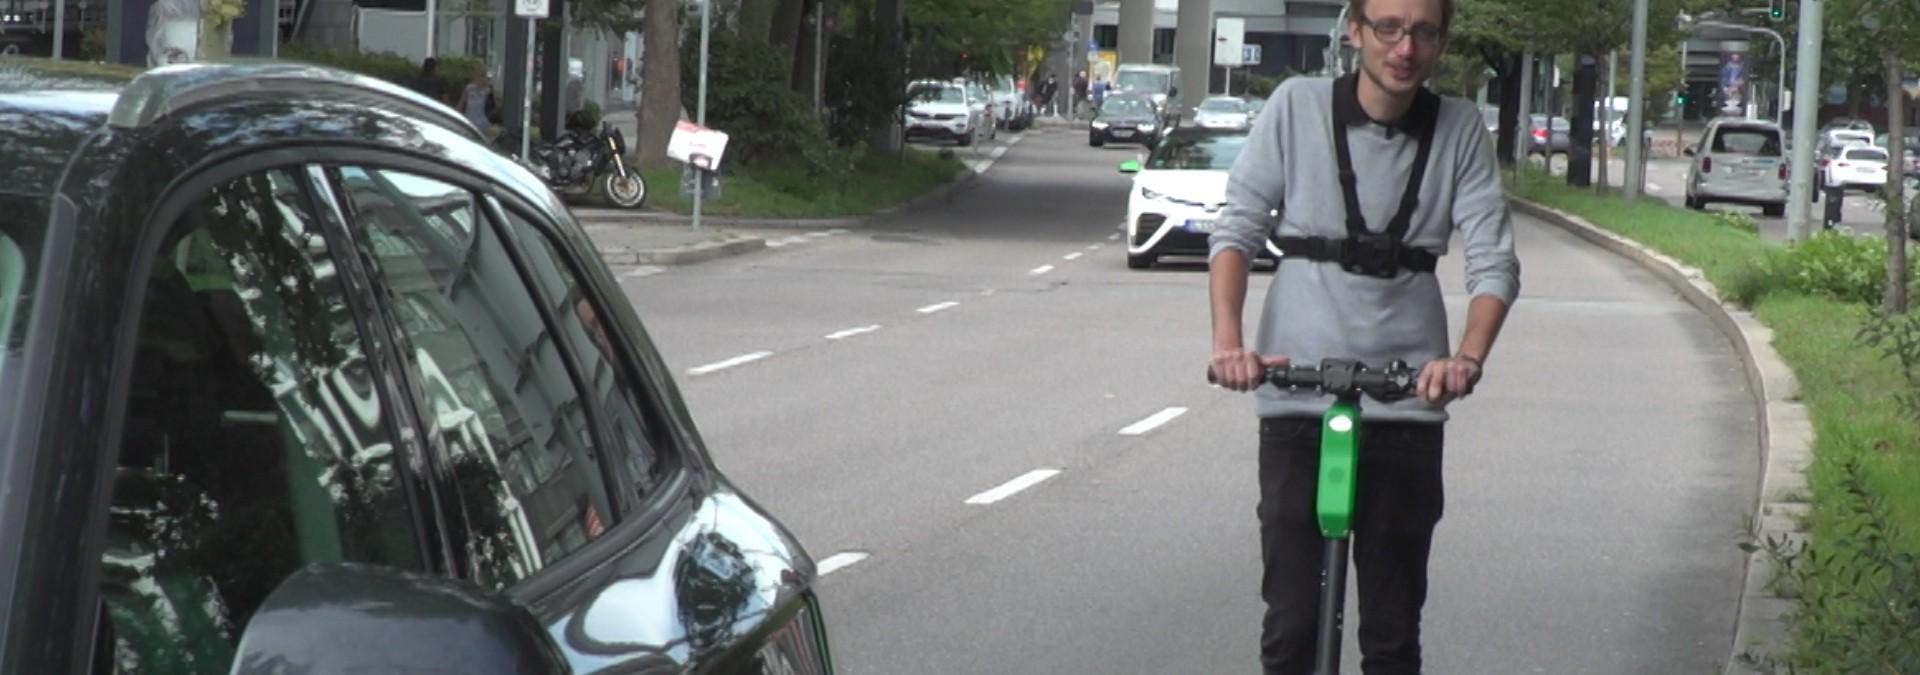 E-Scooter jetzt auch in Stuttgart